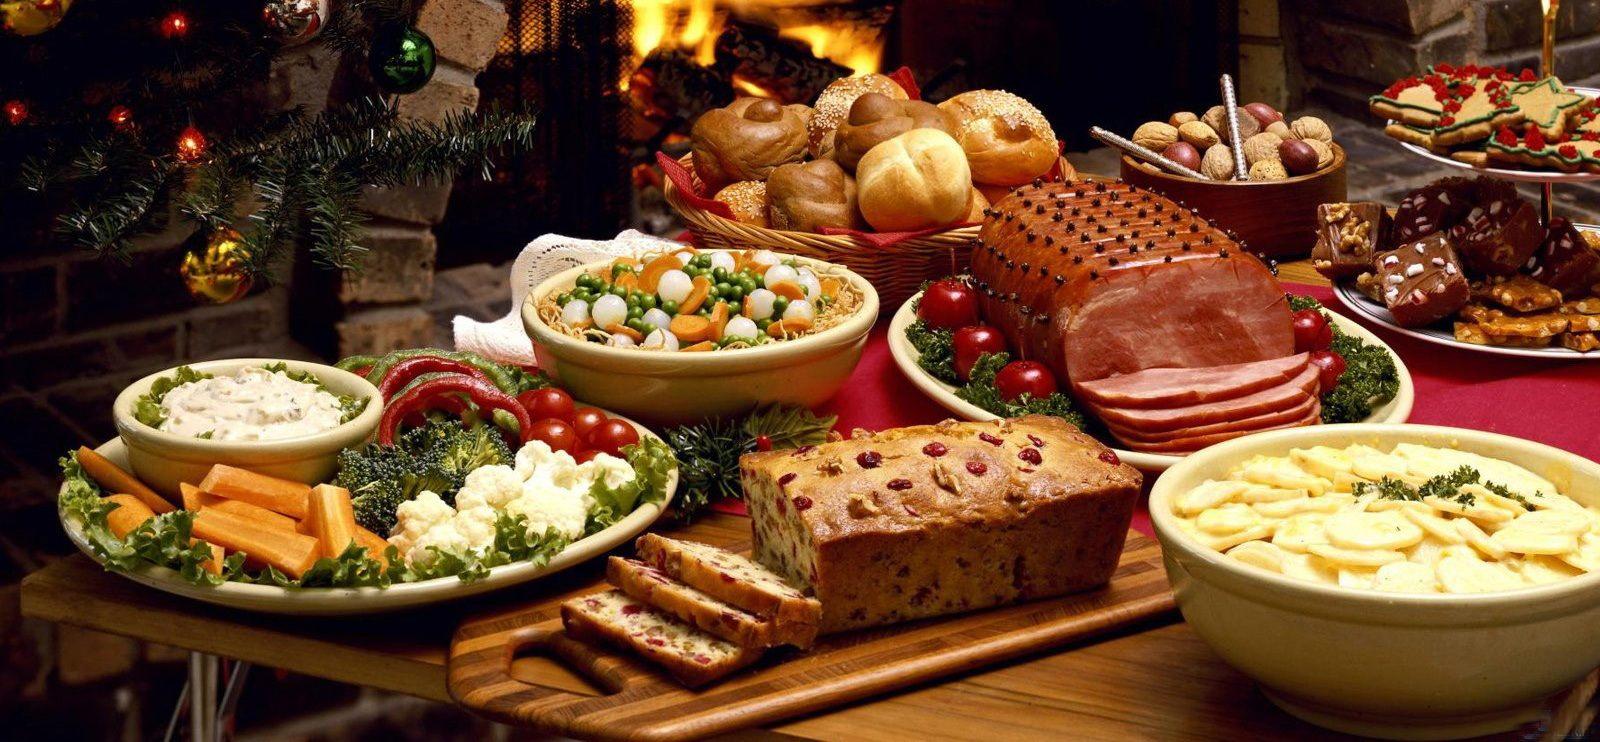 Какие блюда готовят на новый год в америке